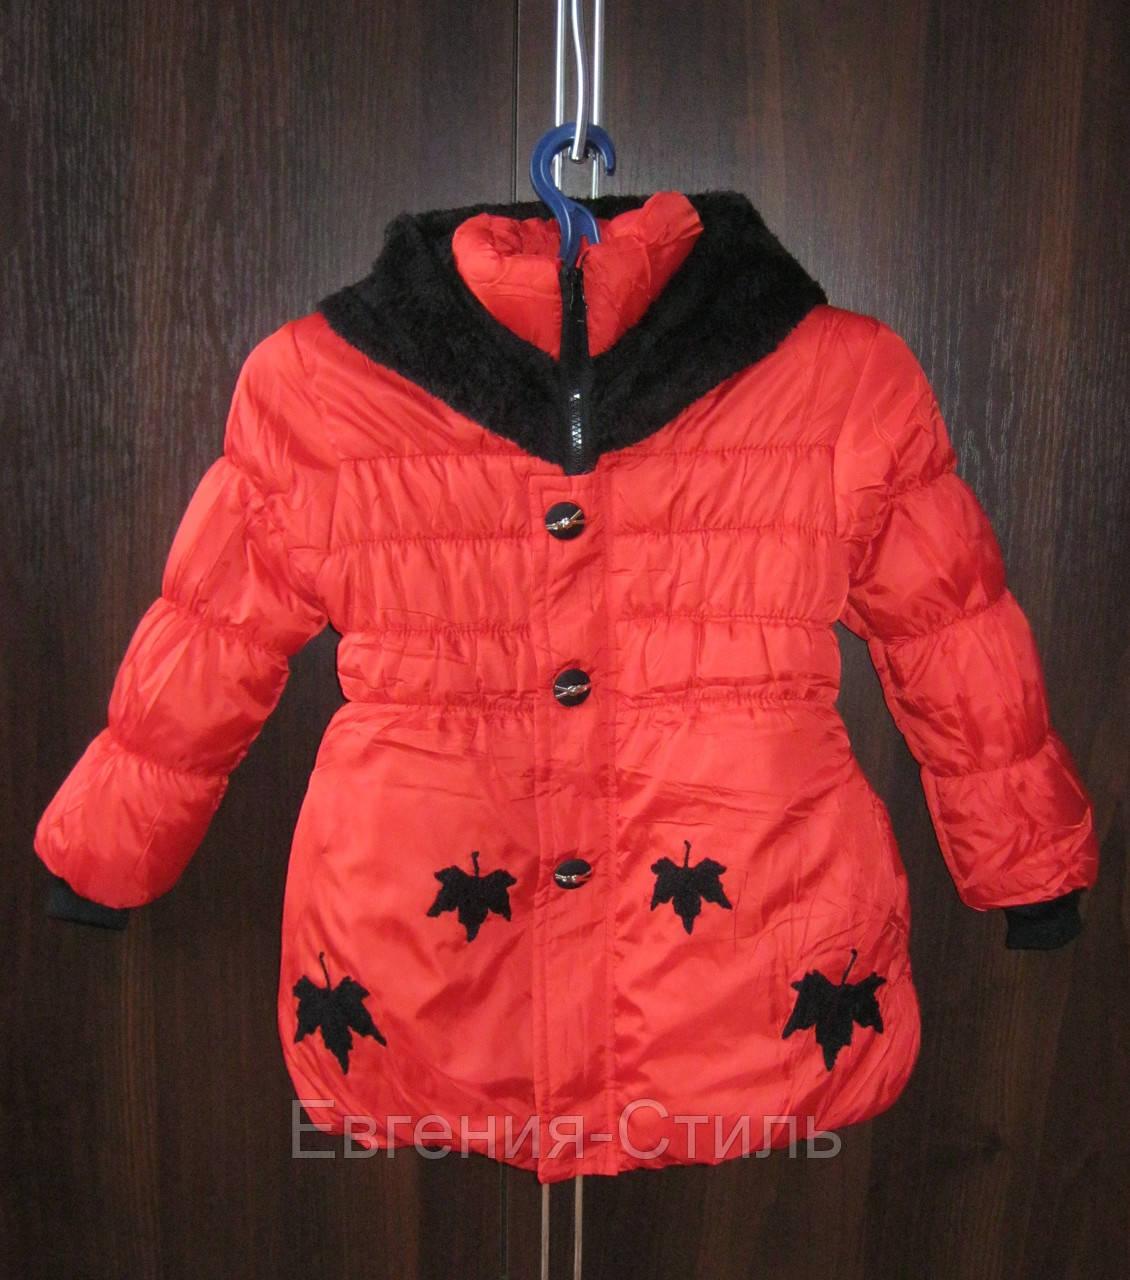 Детская зимняя курточка на девочку. Возраст 4-5 лет